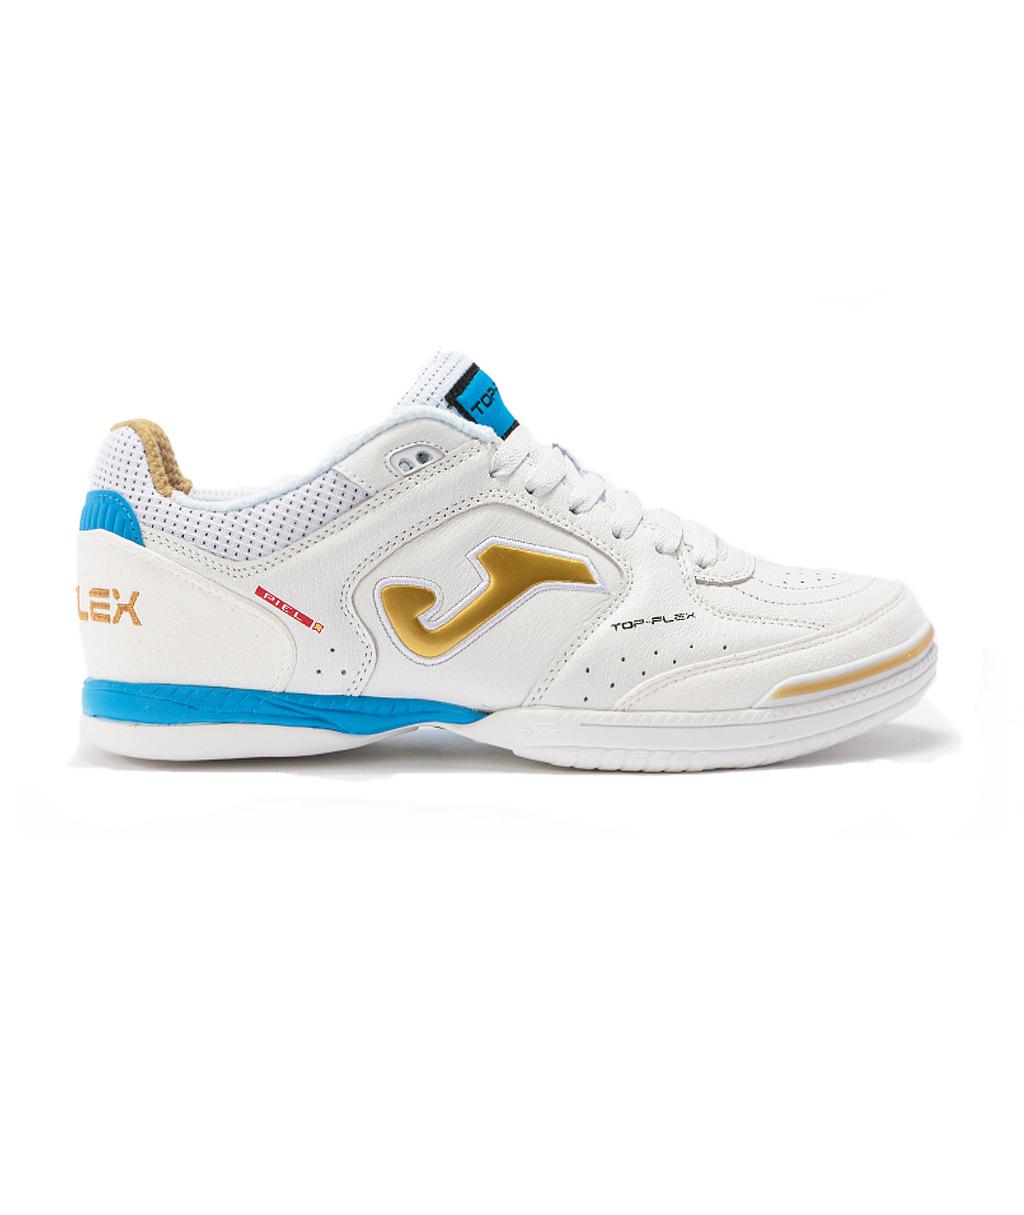 Купить футзалки Joma Top Flex TOPW2102IN белые в интернет-магазине